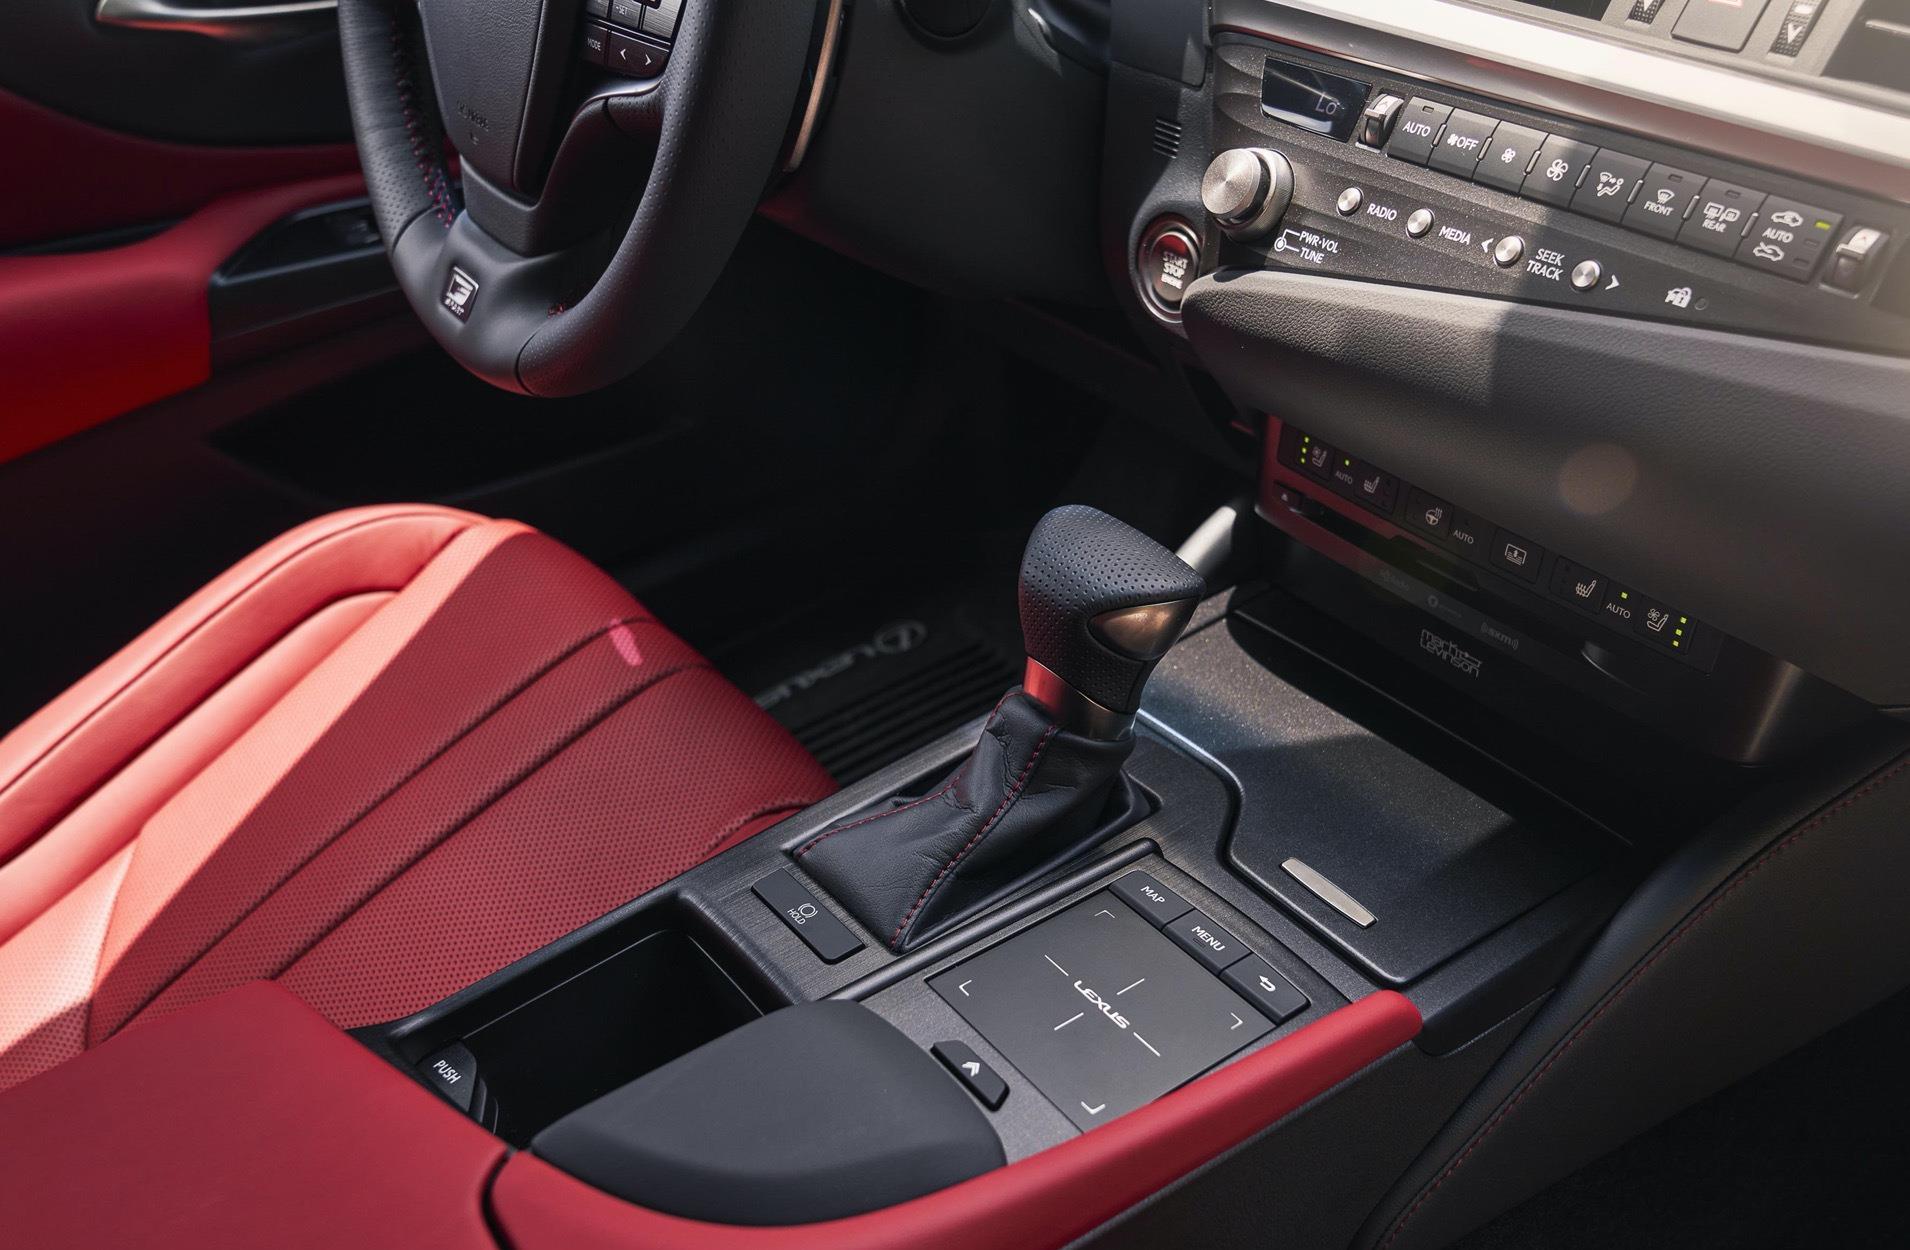 豐田又一豪車來襲,車長近5米,2.5L自吸發動機配四驅,油耗6.3L-圖6